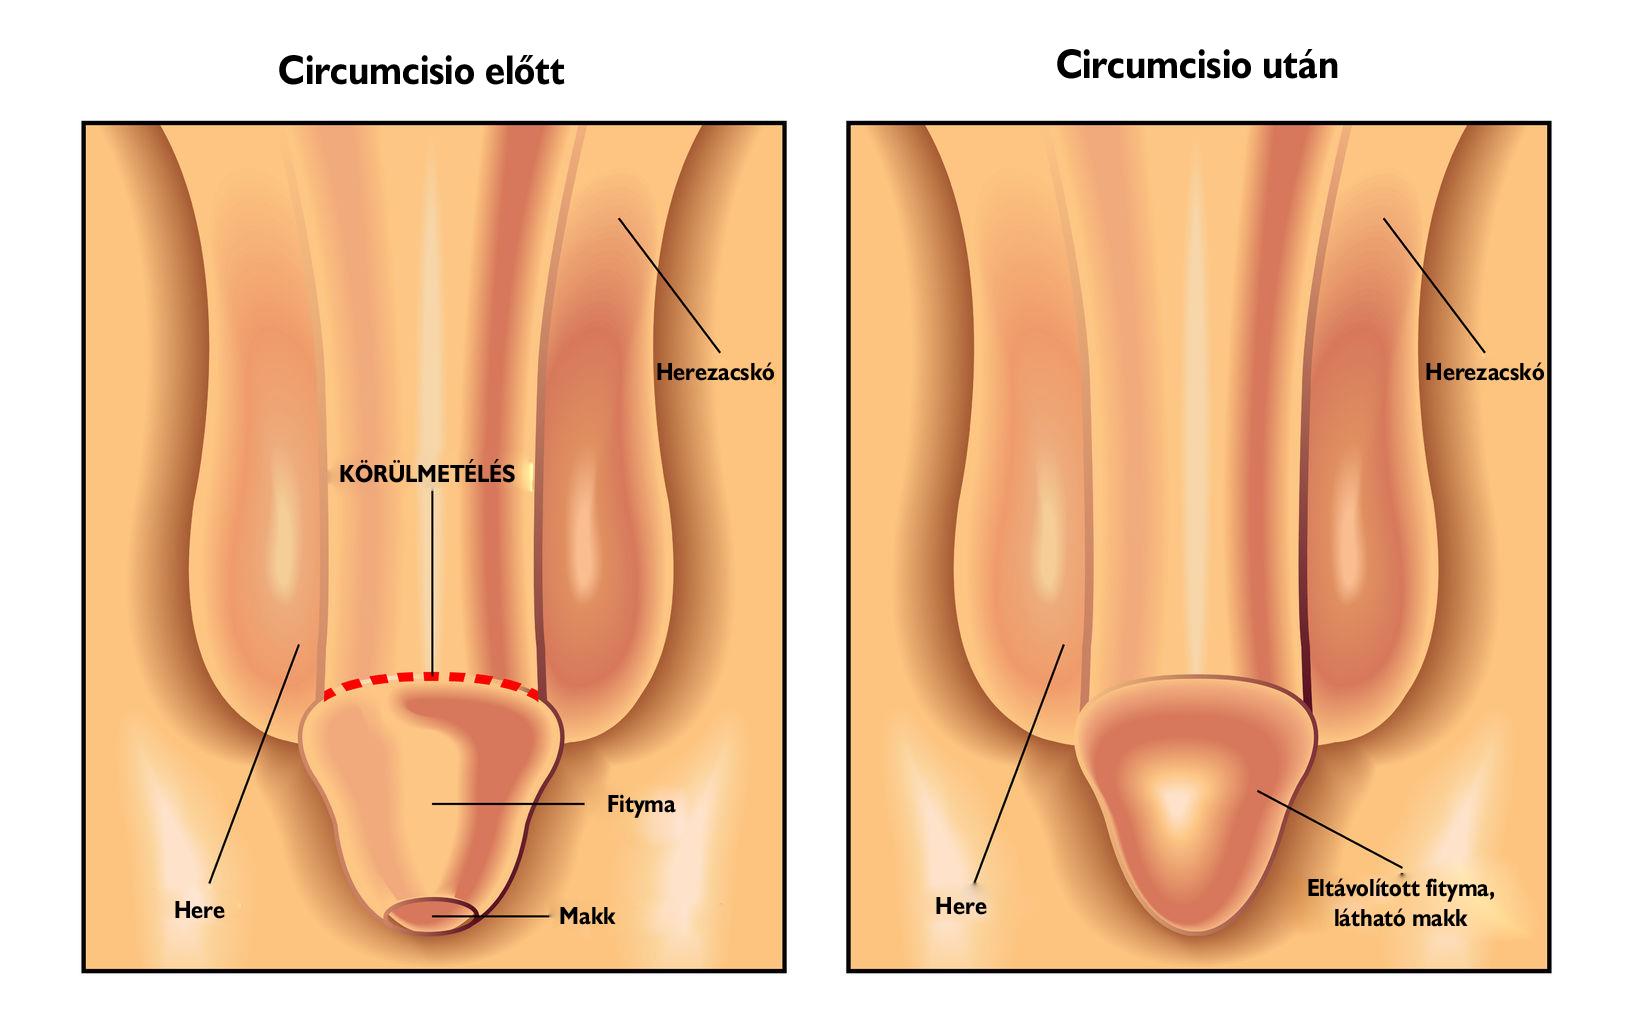 péniszbetegség és kezelés gyakori merevedéssel